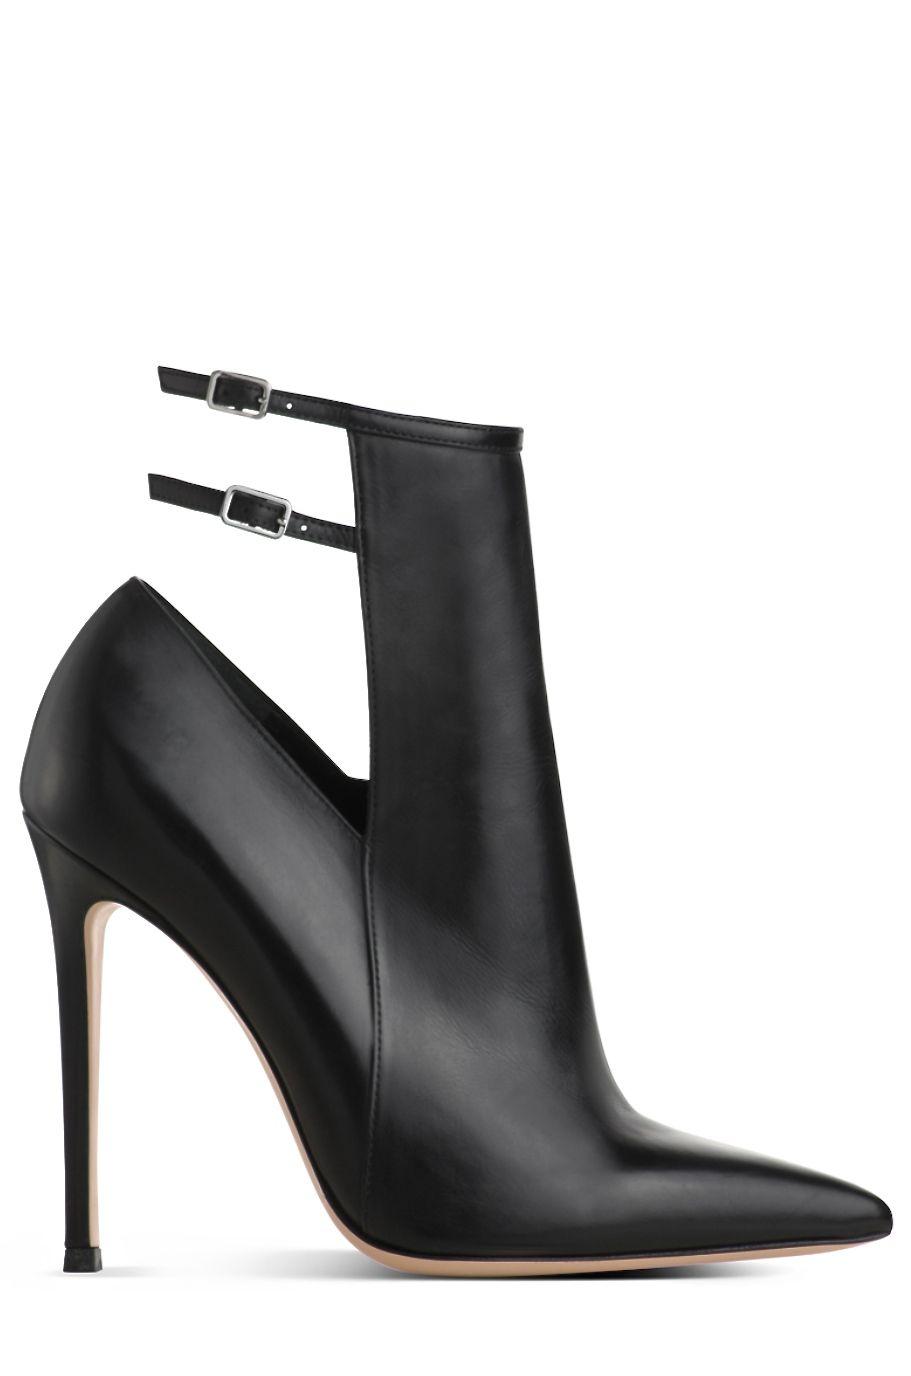 Ofertas Precios de salida Zapatos negros Lucia para mujer Envío gratis barato real Descuento Límite Popular en venta ipVlO